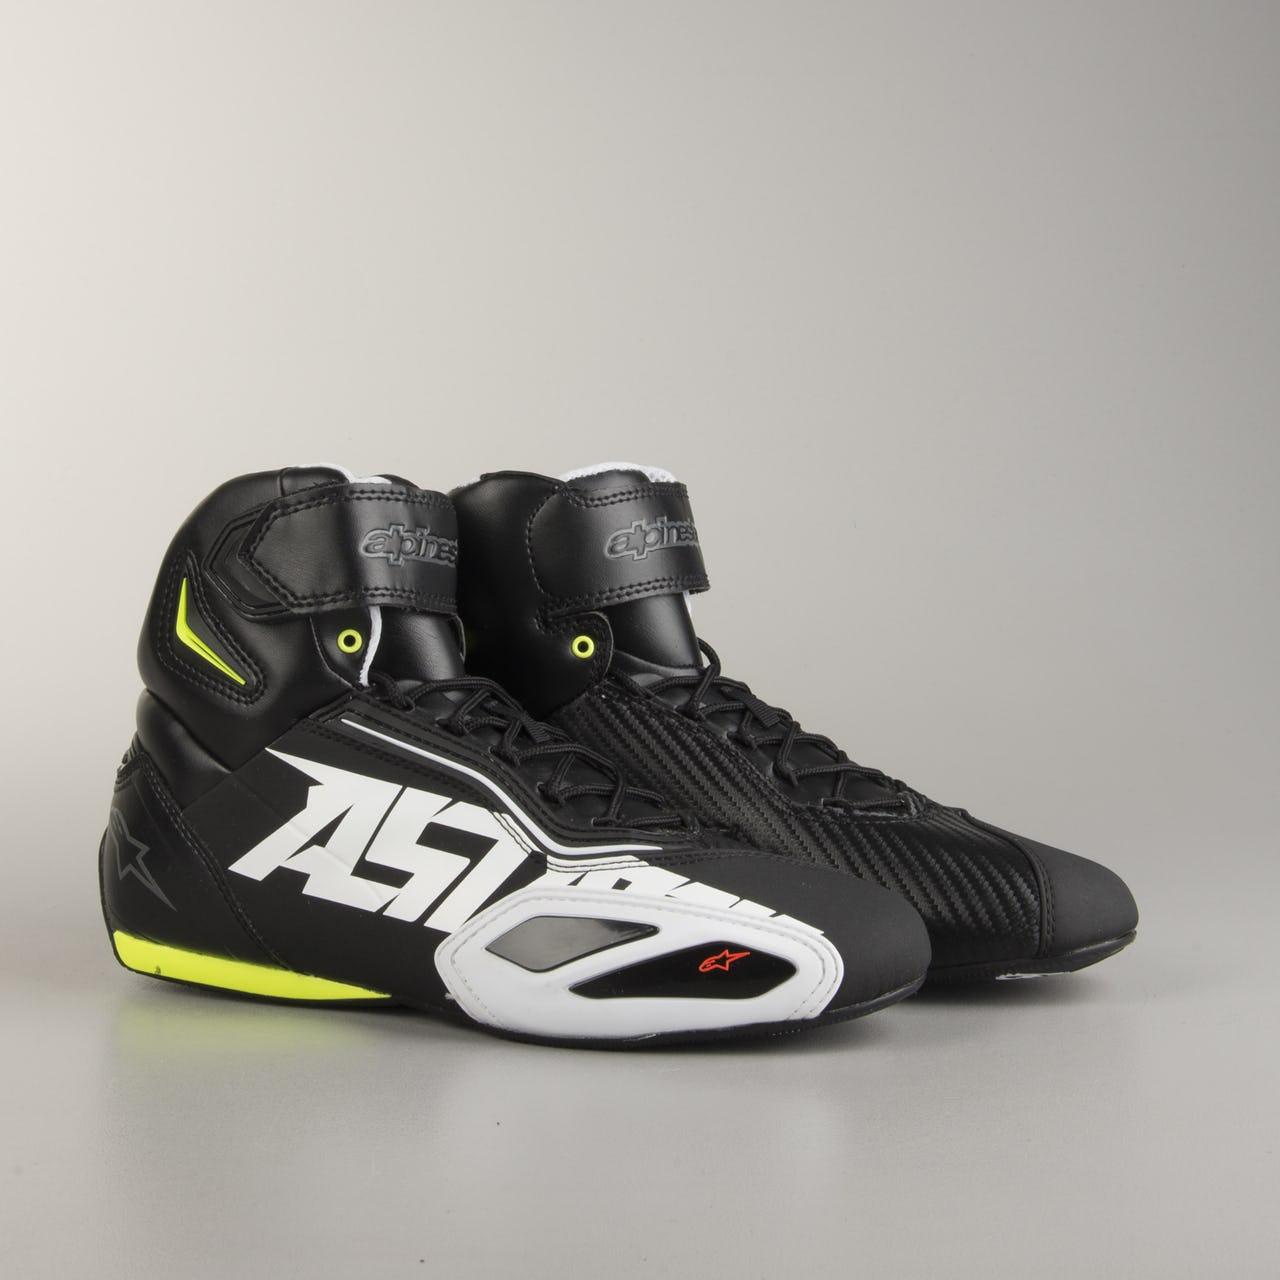 Topánky  FASTER 2, ALPINESTARS (čierne/biele/žlté fluo/červené)